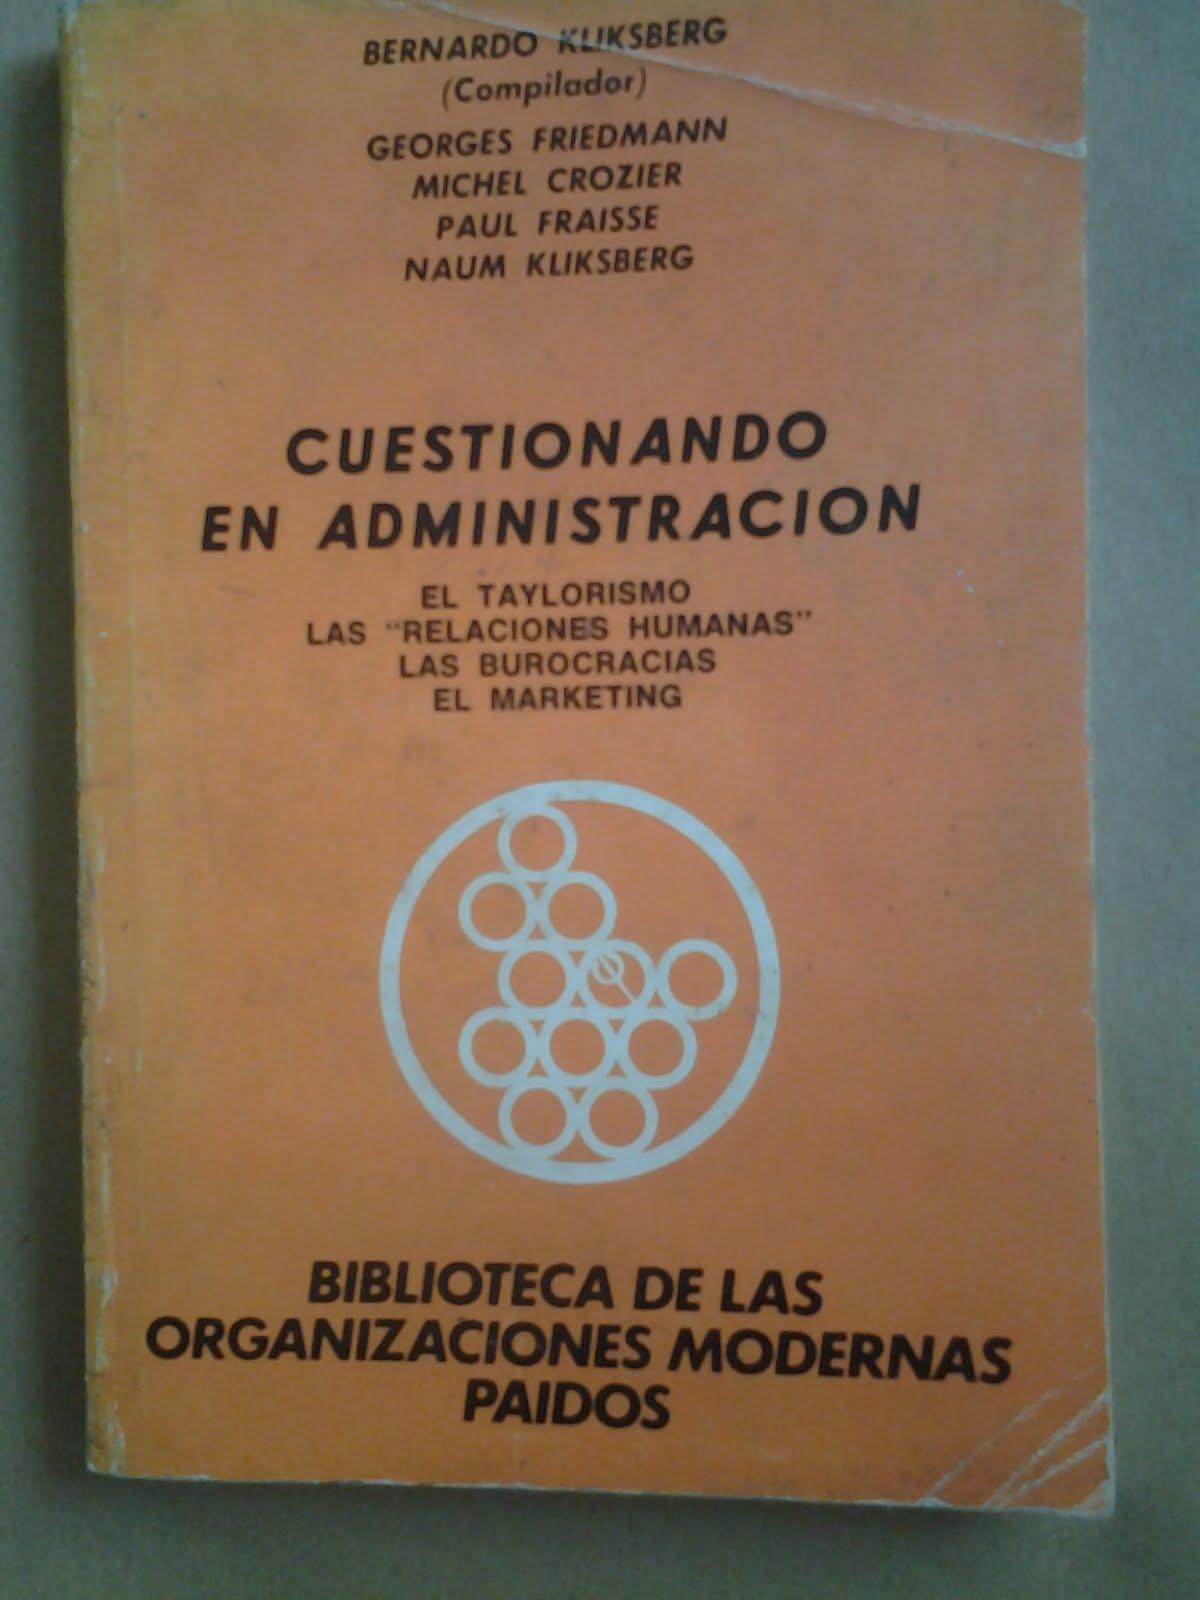 65 - Libro publicado por la Editorial Paidos. Argentina.1979.